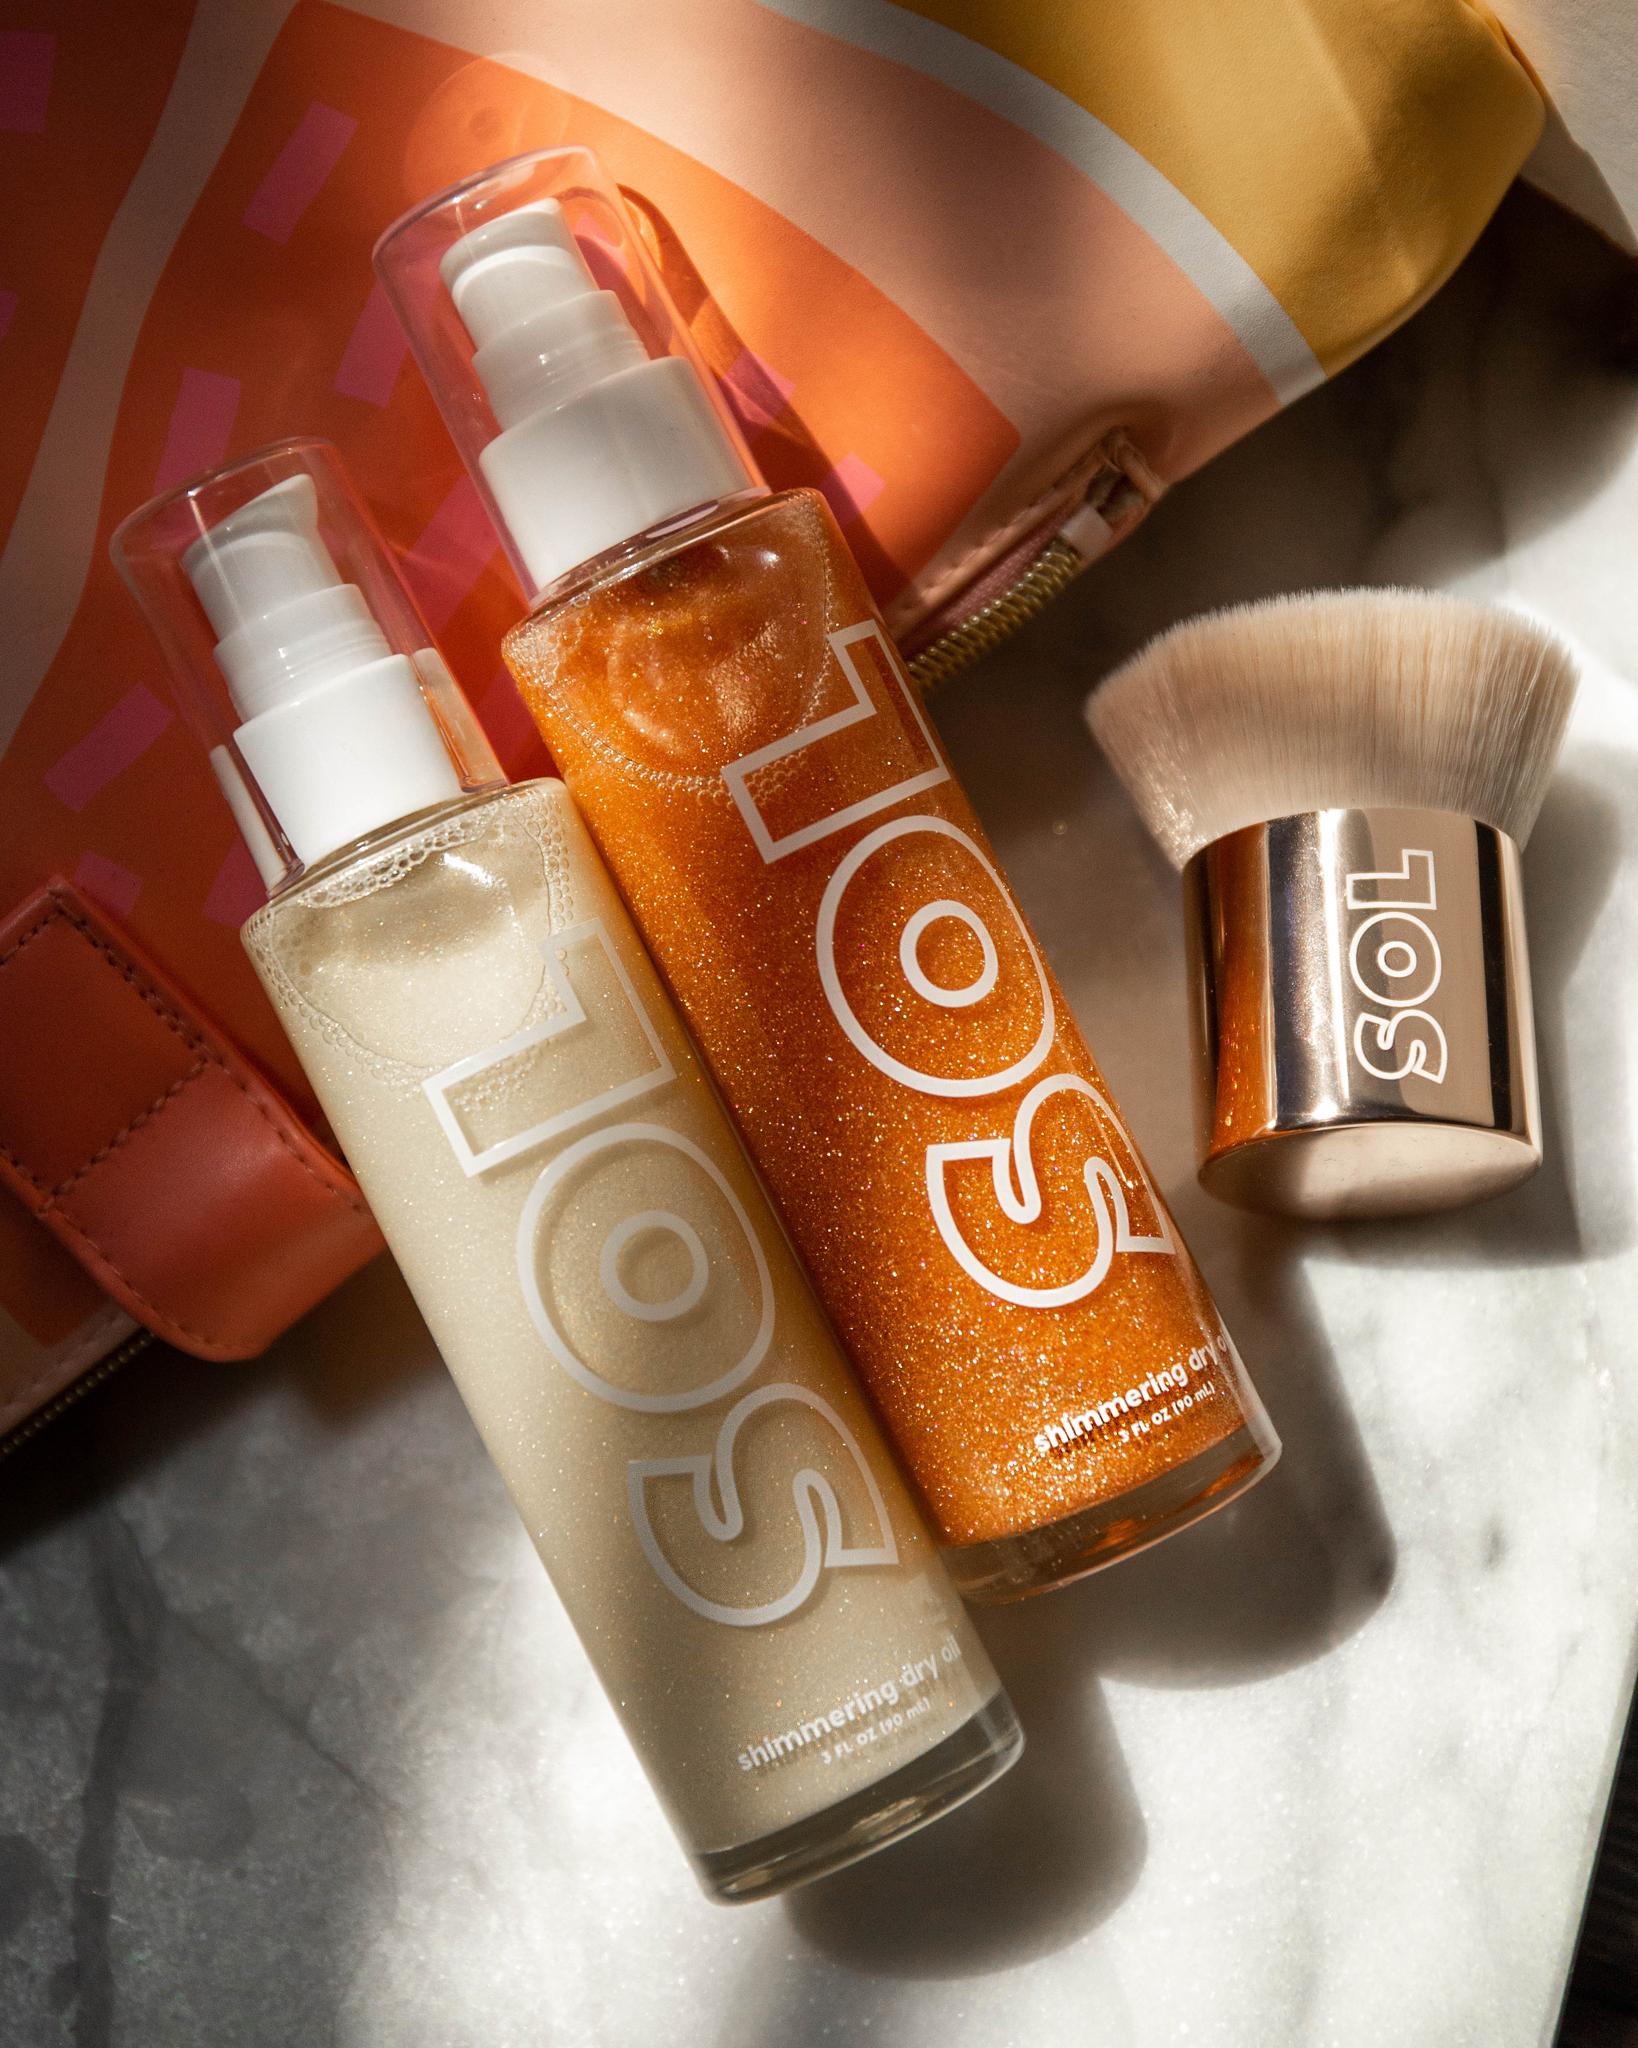 Sol Body Oil